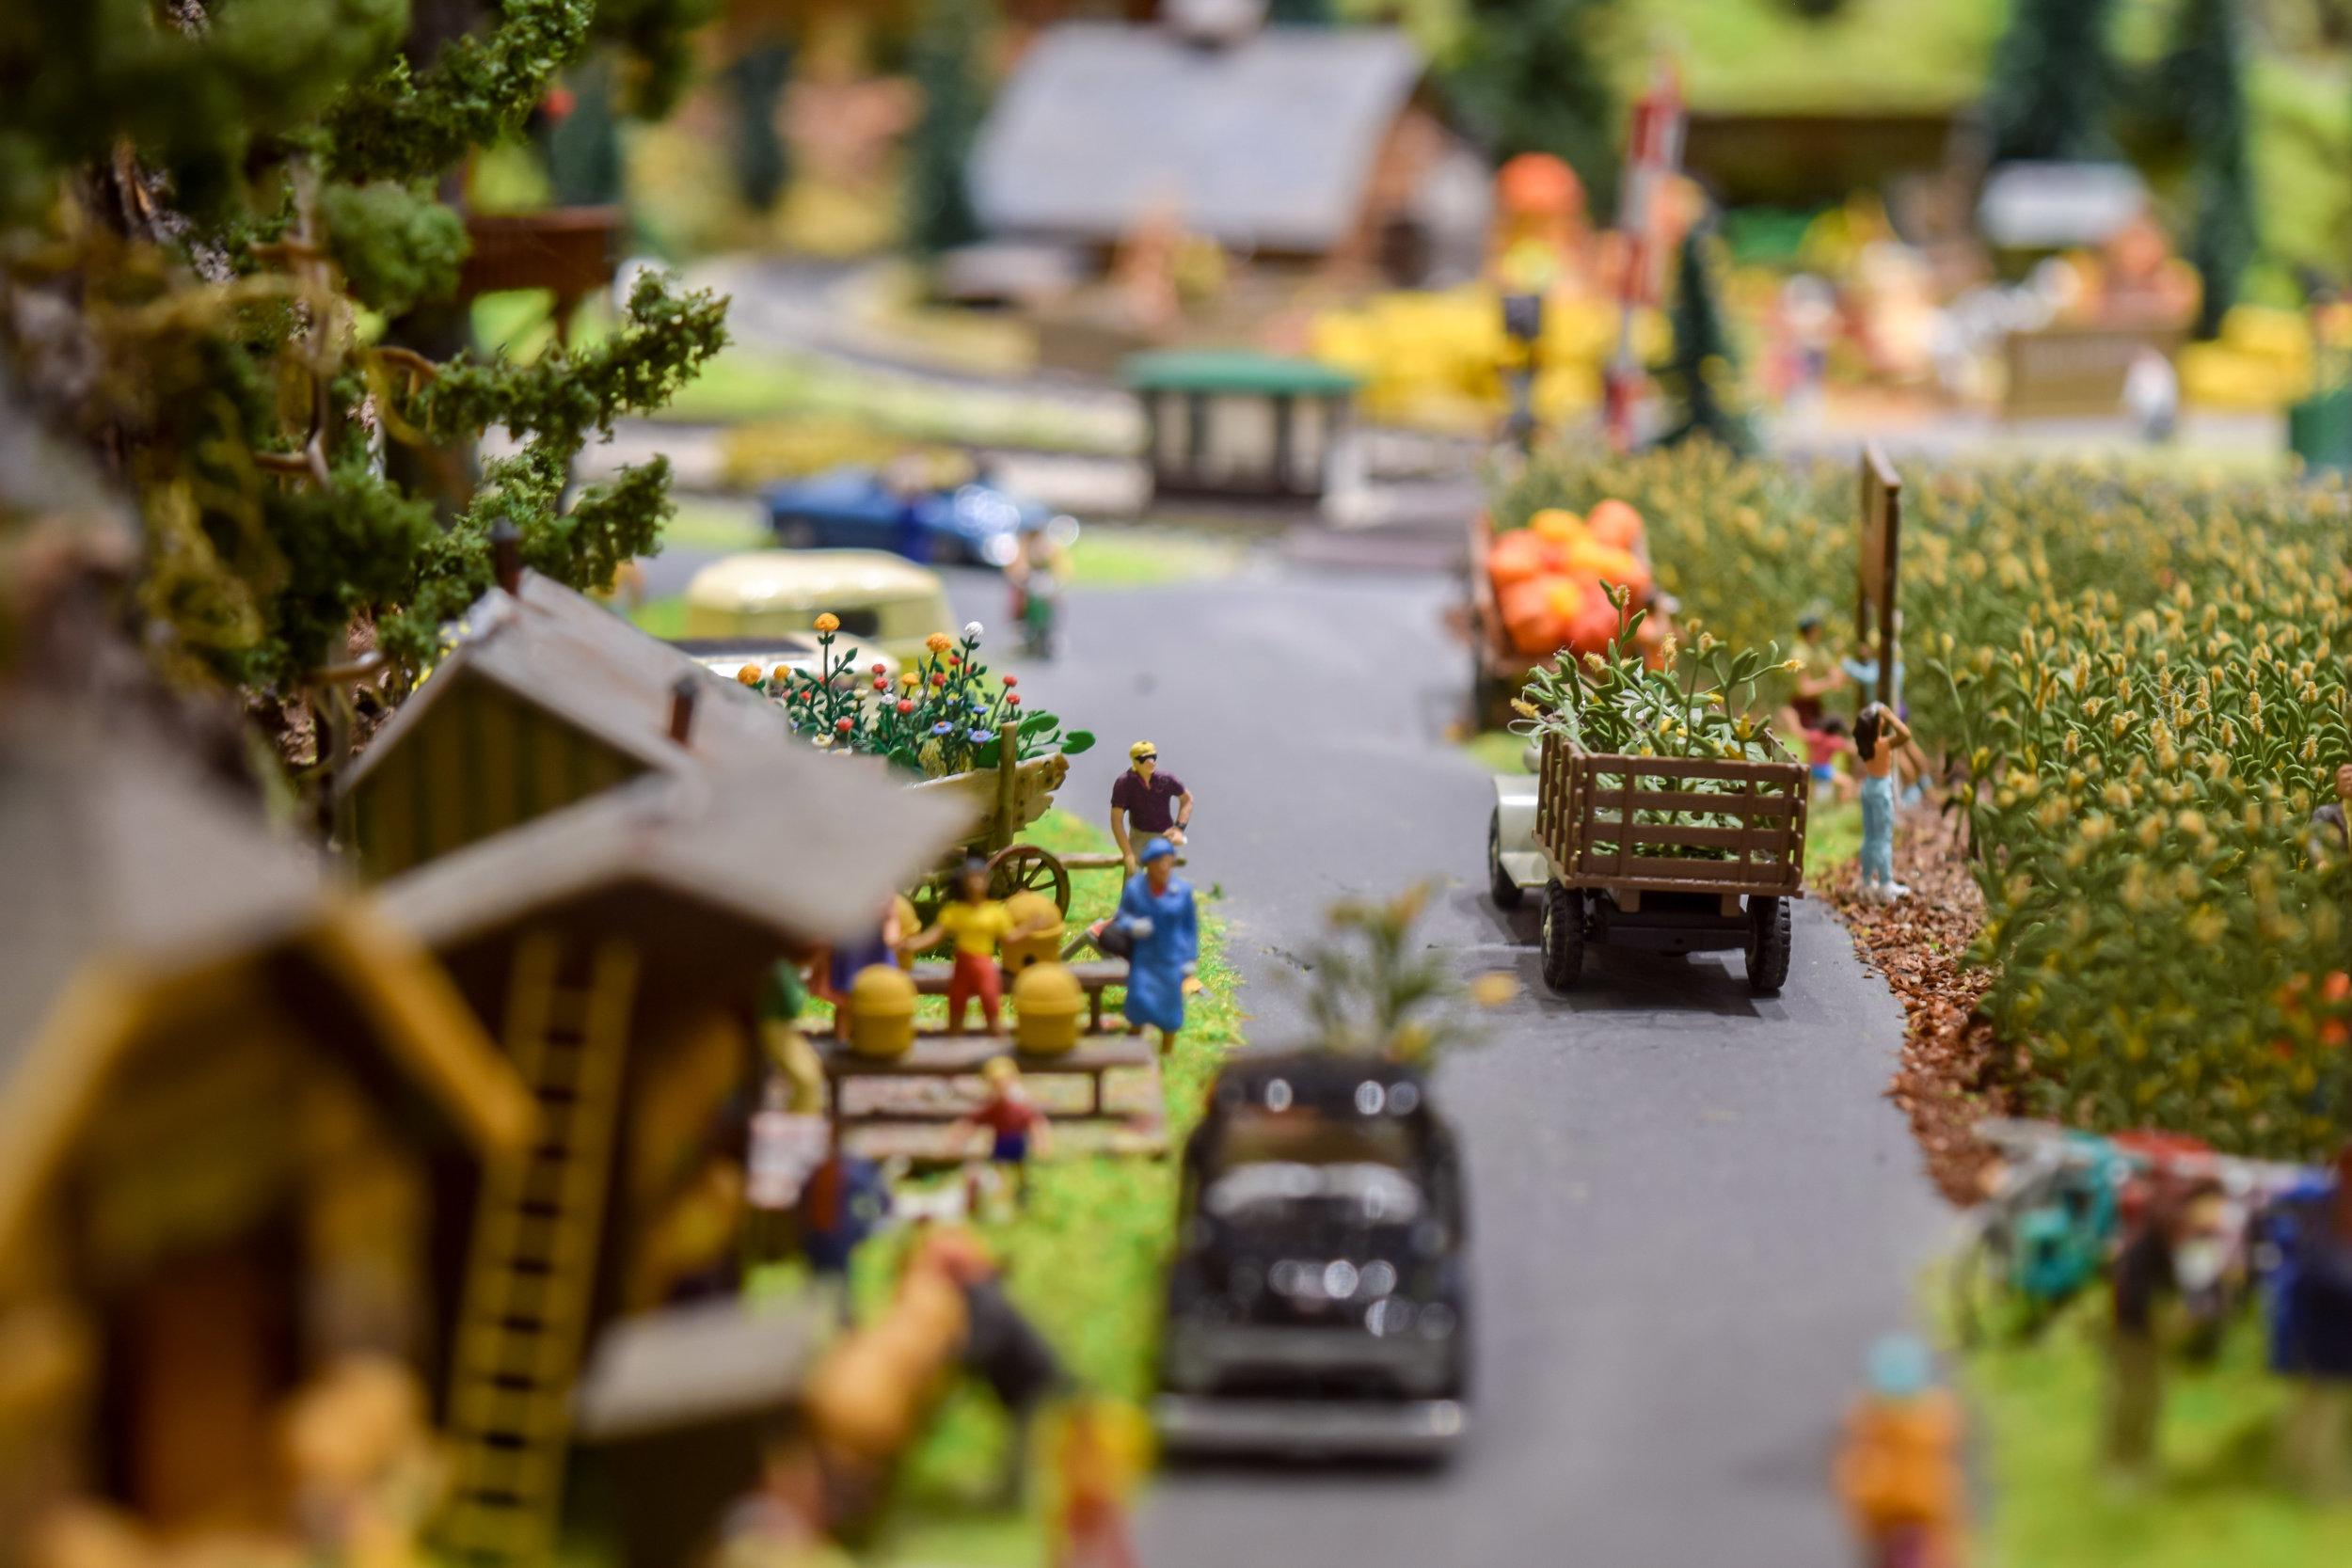 Miniature rural scene from the Desert Model Railroad